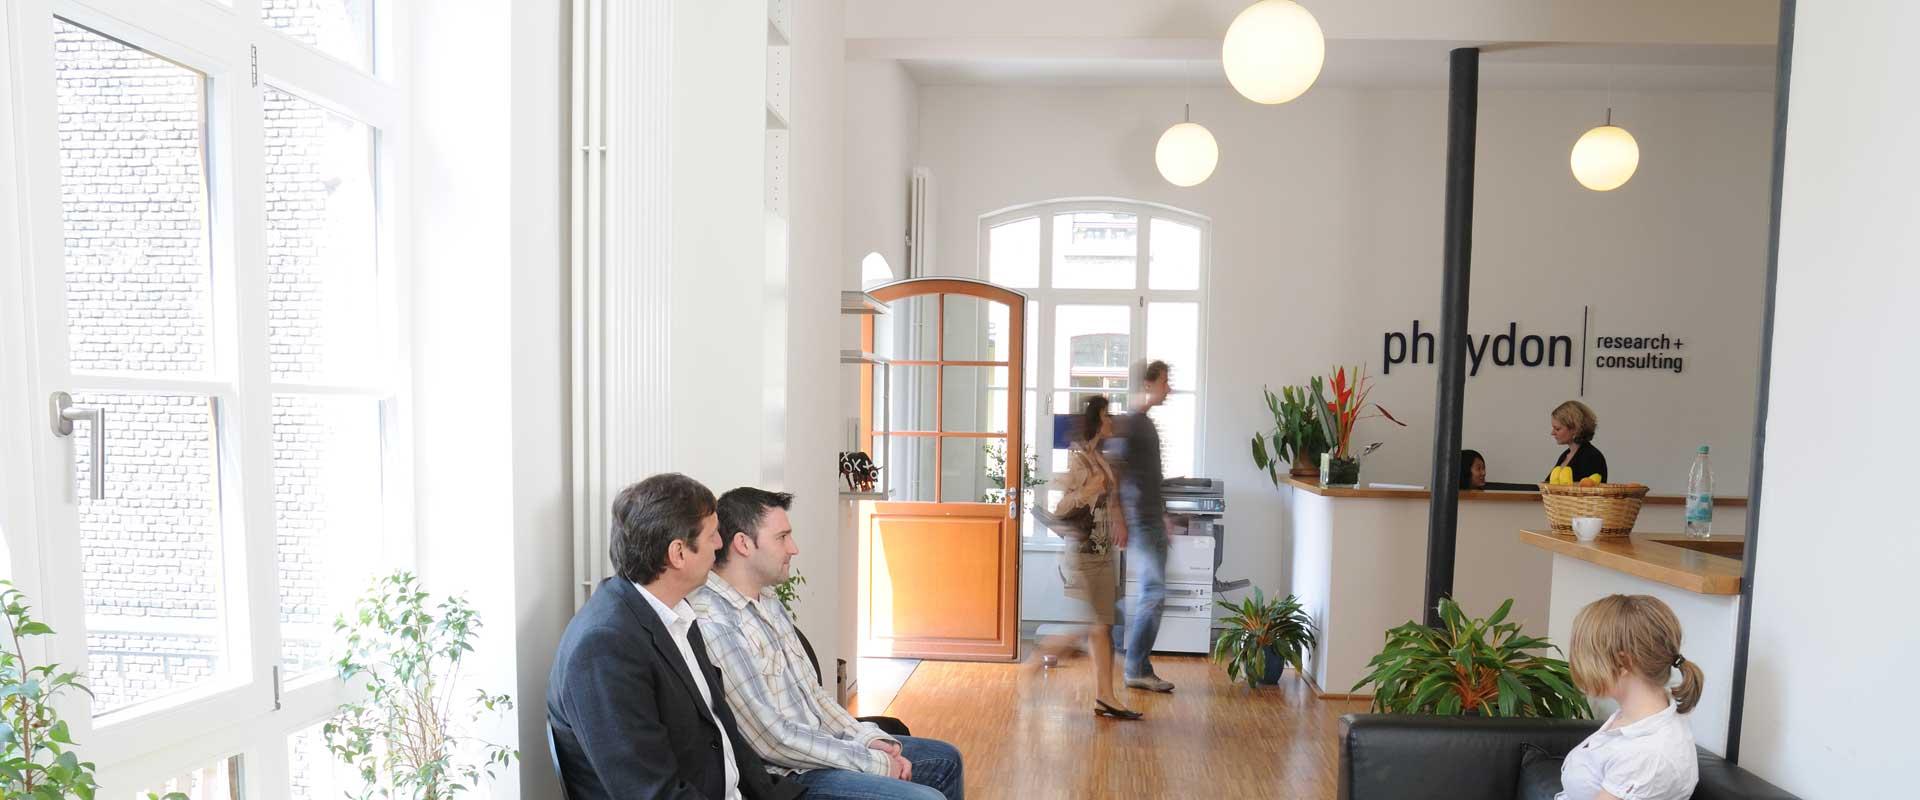 Teststudio Köln - phaydon Marktforschung